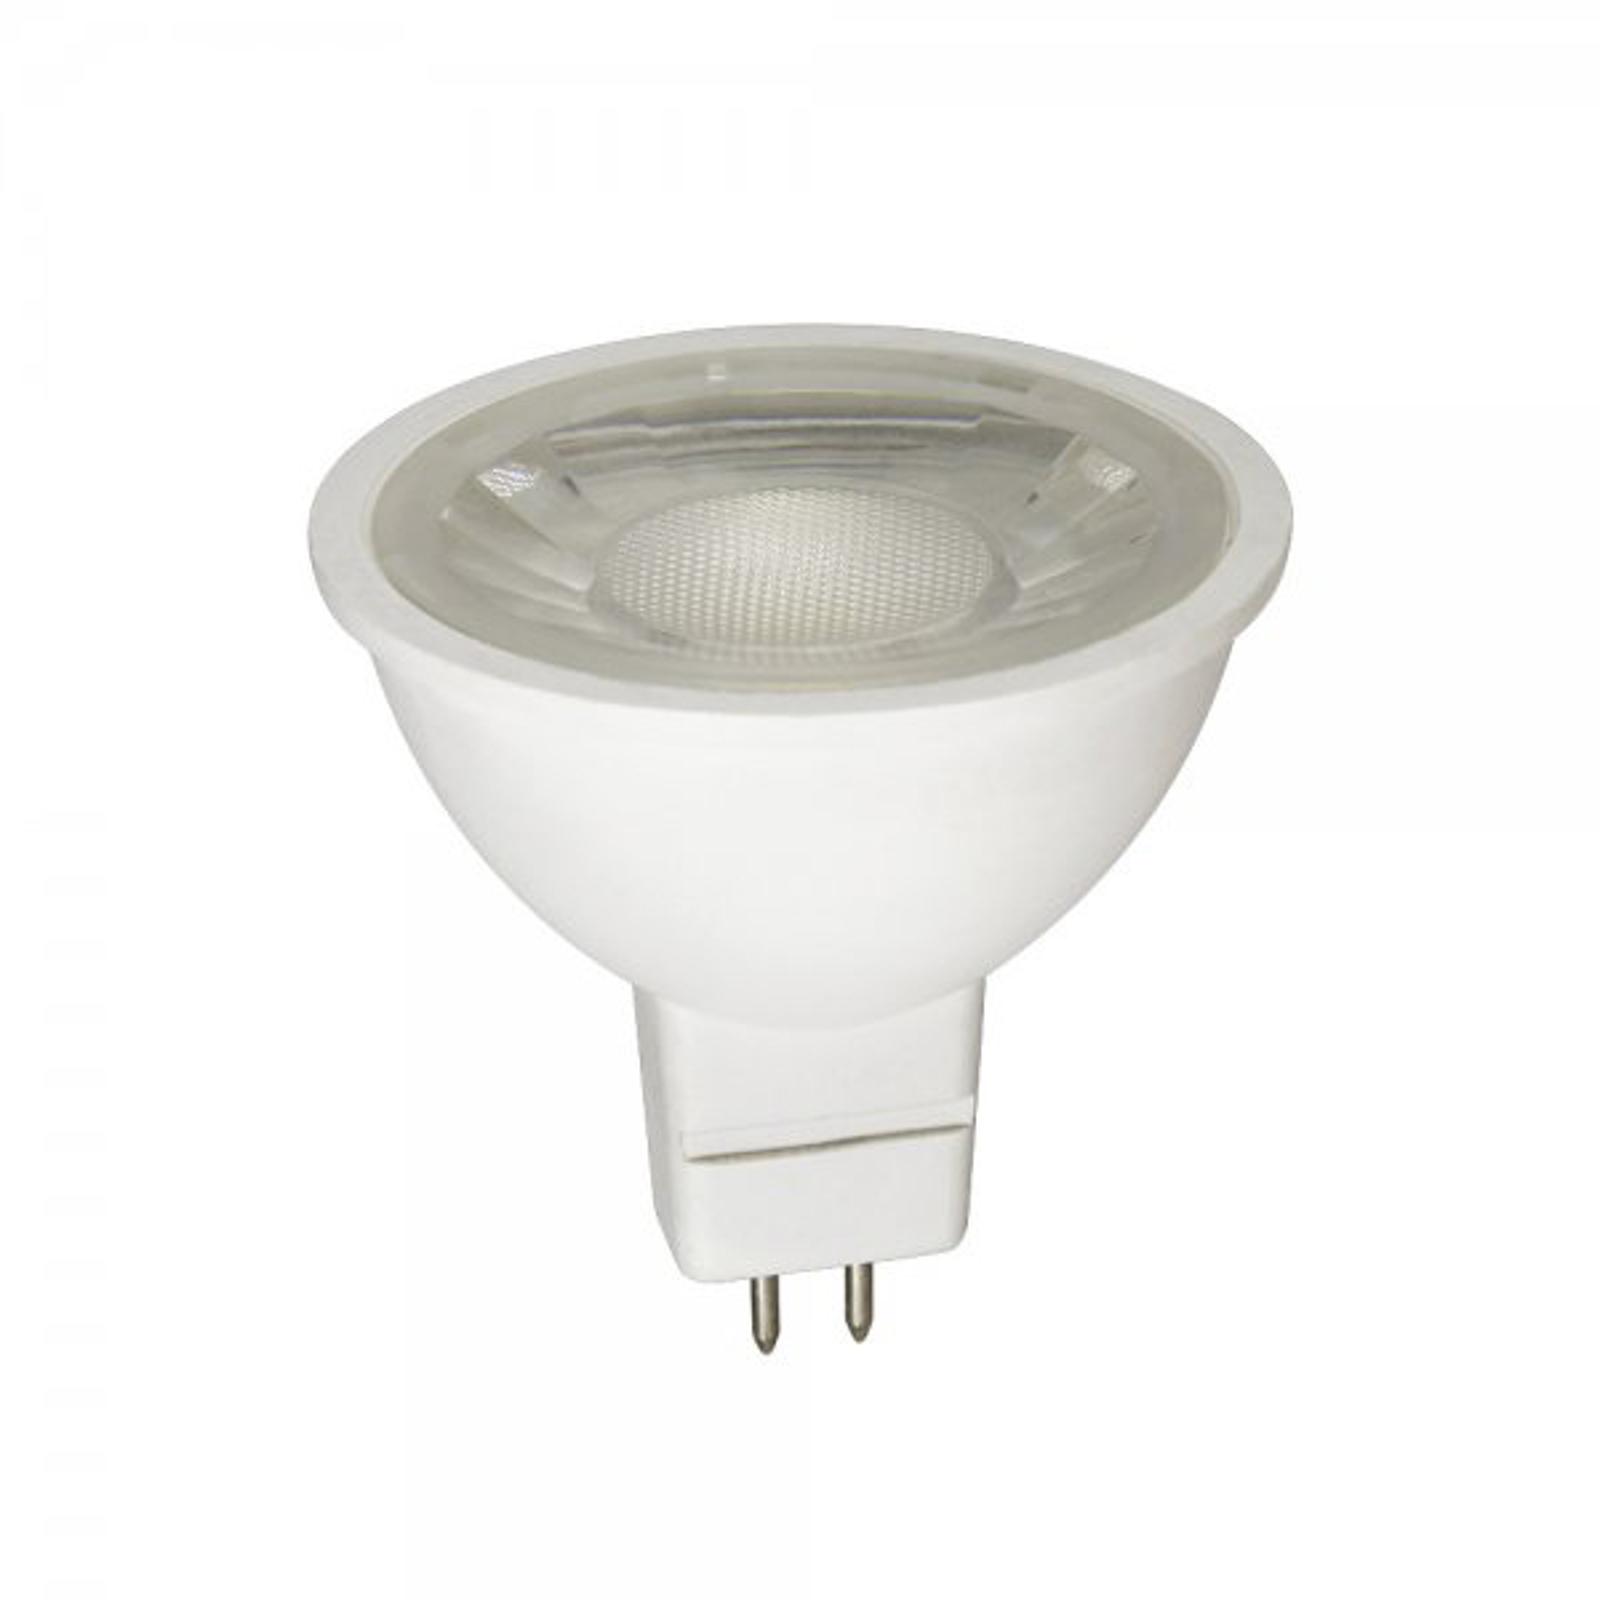 Faretto LED GU5,3 MR16 6 W 830 HELSO